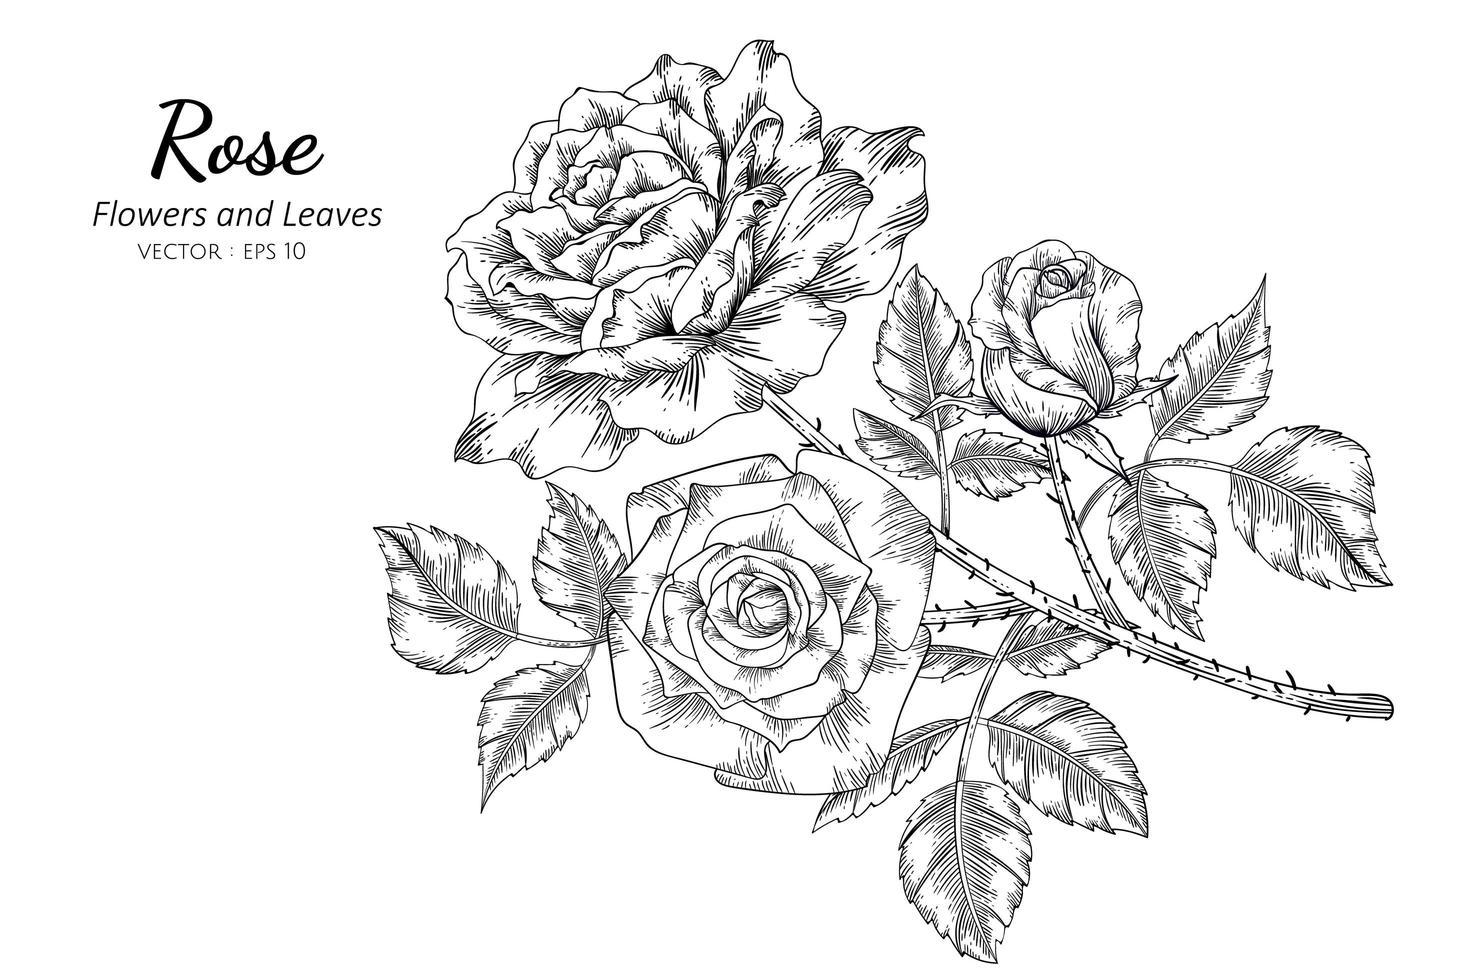 folhas e flor rosa vetor